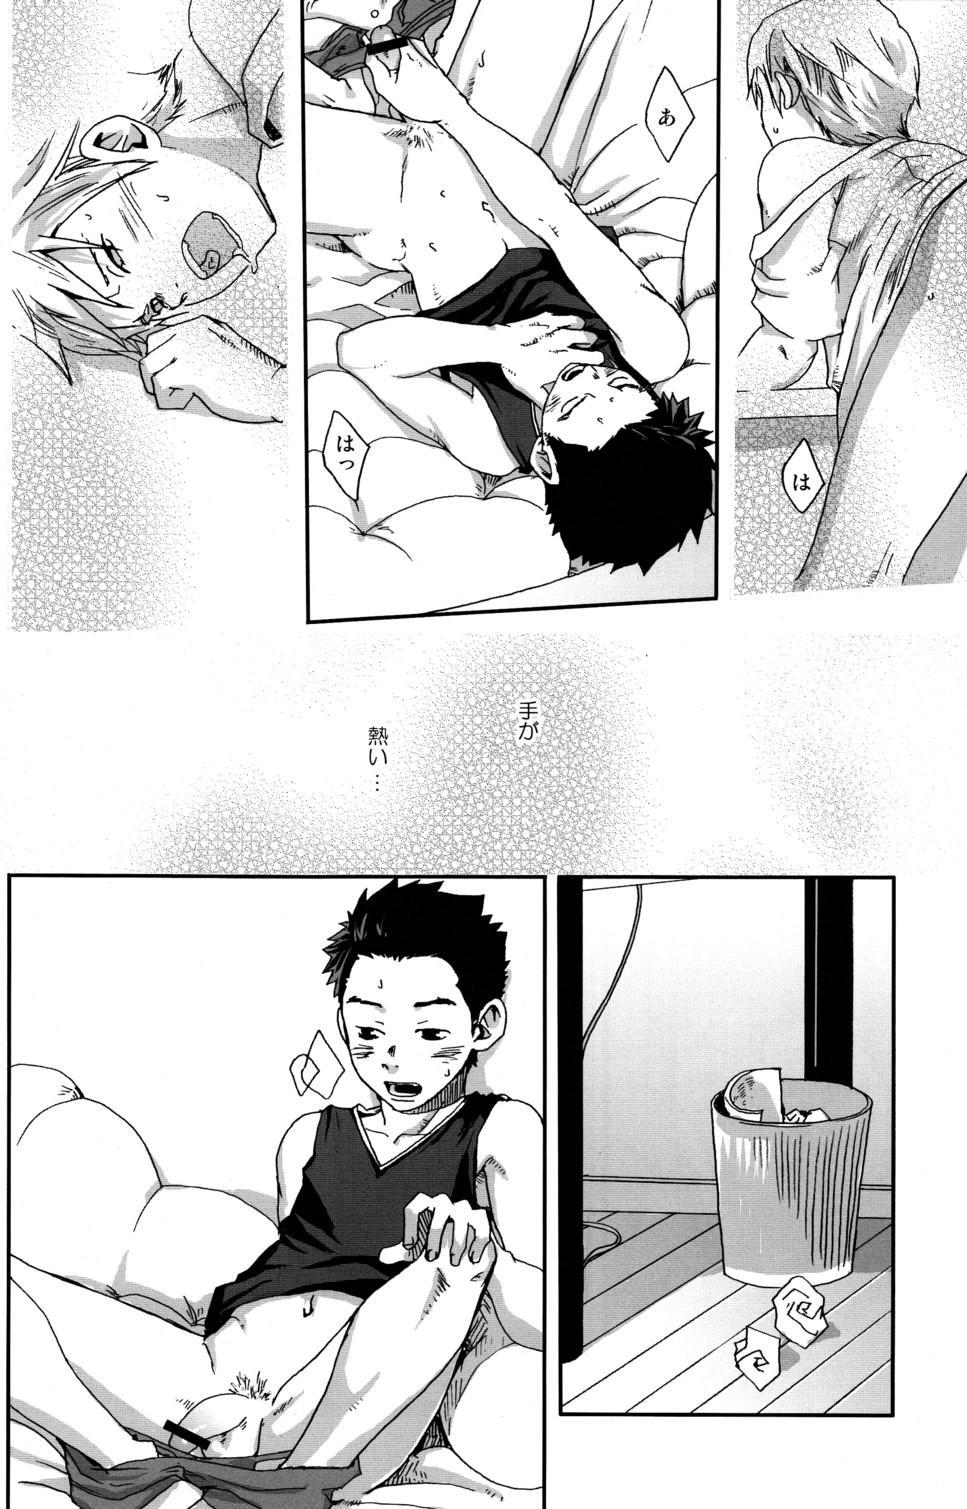 (C78) [Box (Tsukumo Gou)] 【19号(つくも号)】そう言って君は笑うSou Itte Kimi wa Warau 15